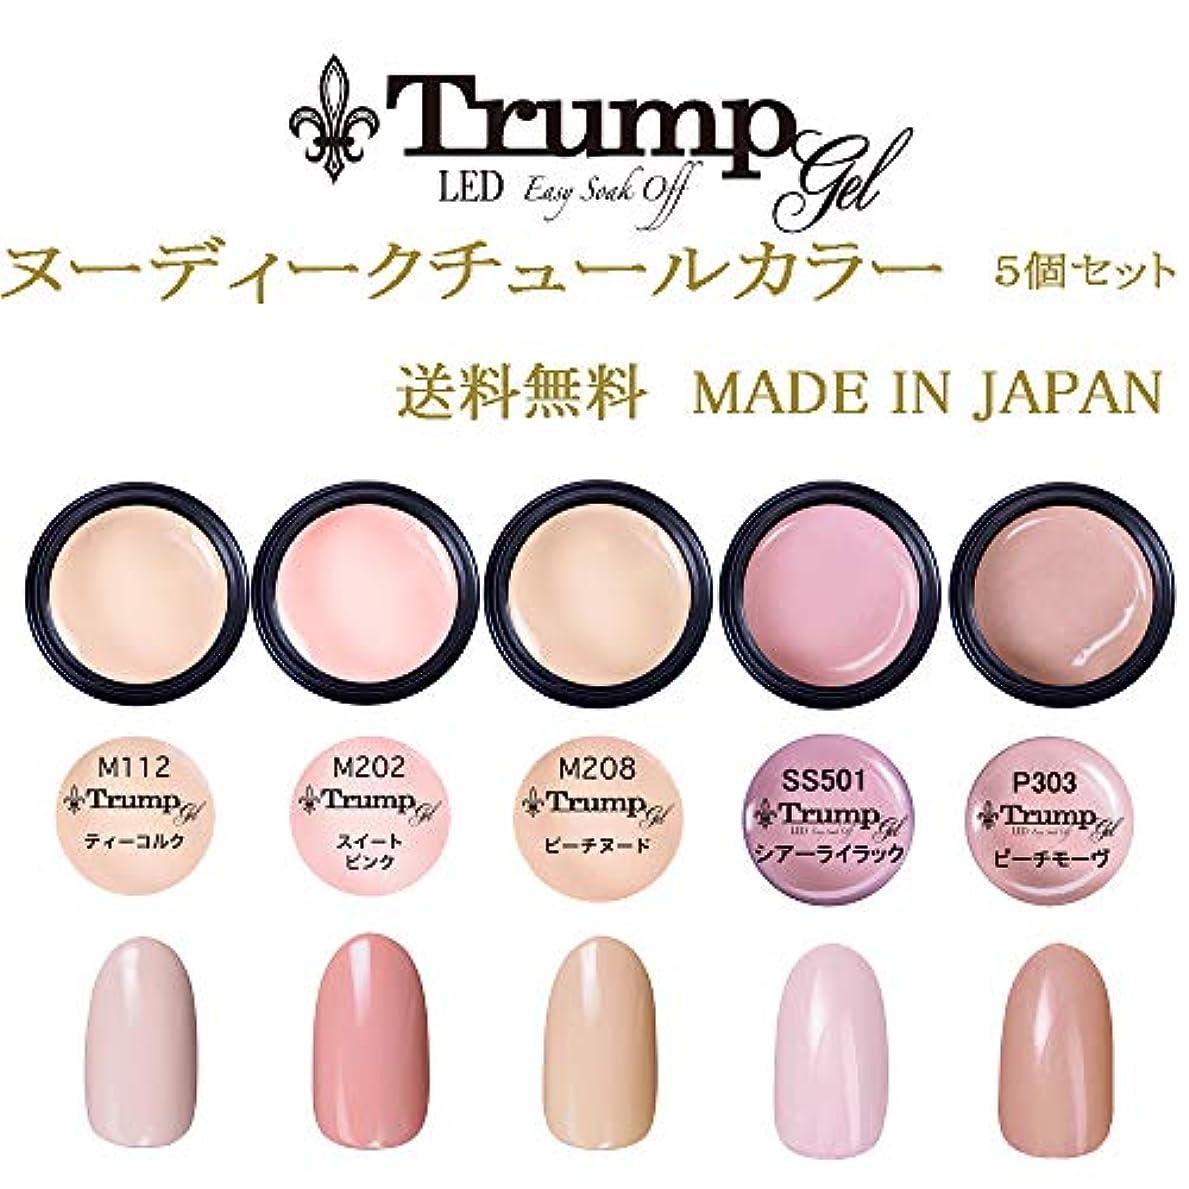 器用グラム常習的【送料無料】日本製 Trump gel トランプジェルヌーディクチュールカラージェル 5個セット肌馴染みの良い ヌーデイクチュールカラージェルセット